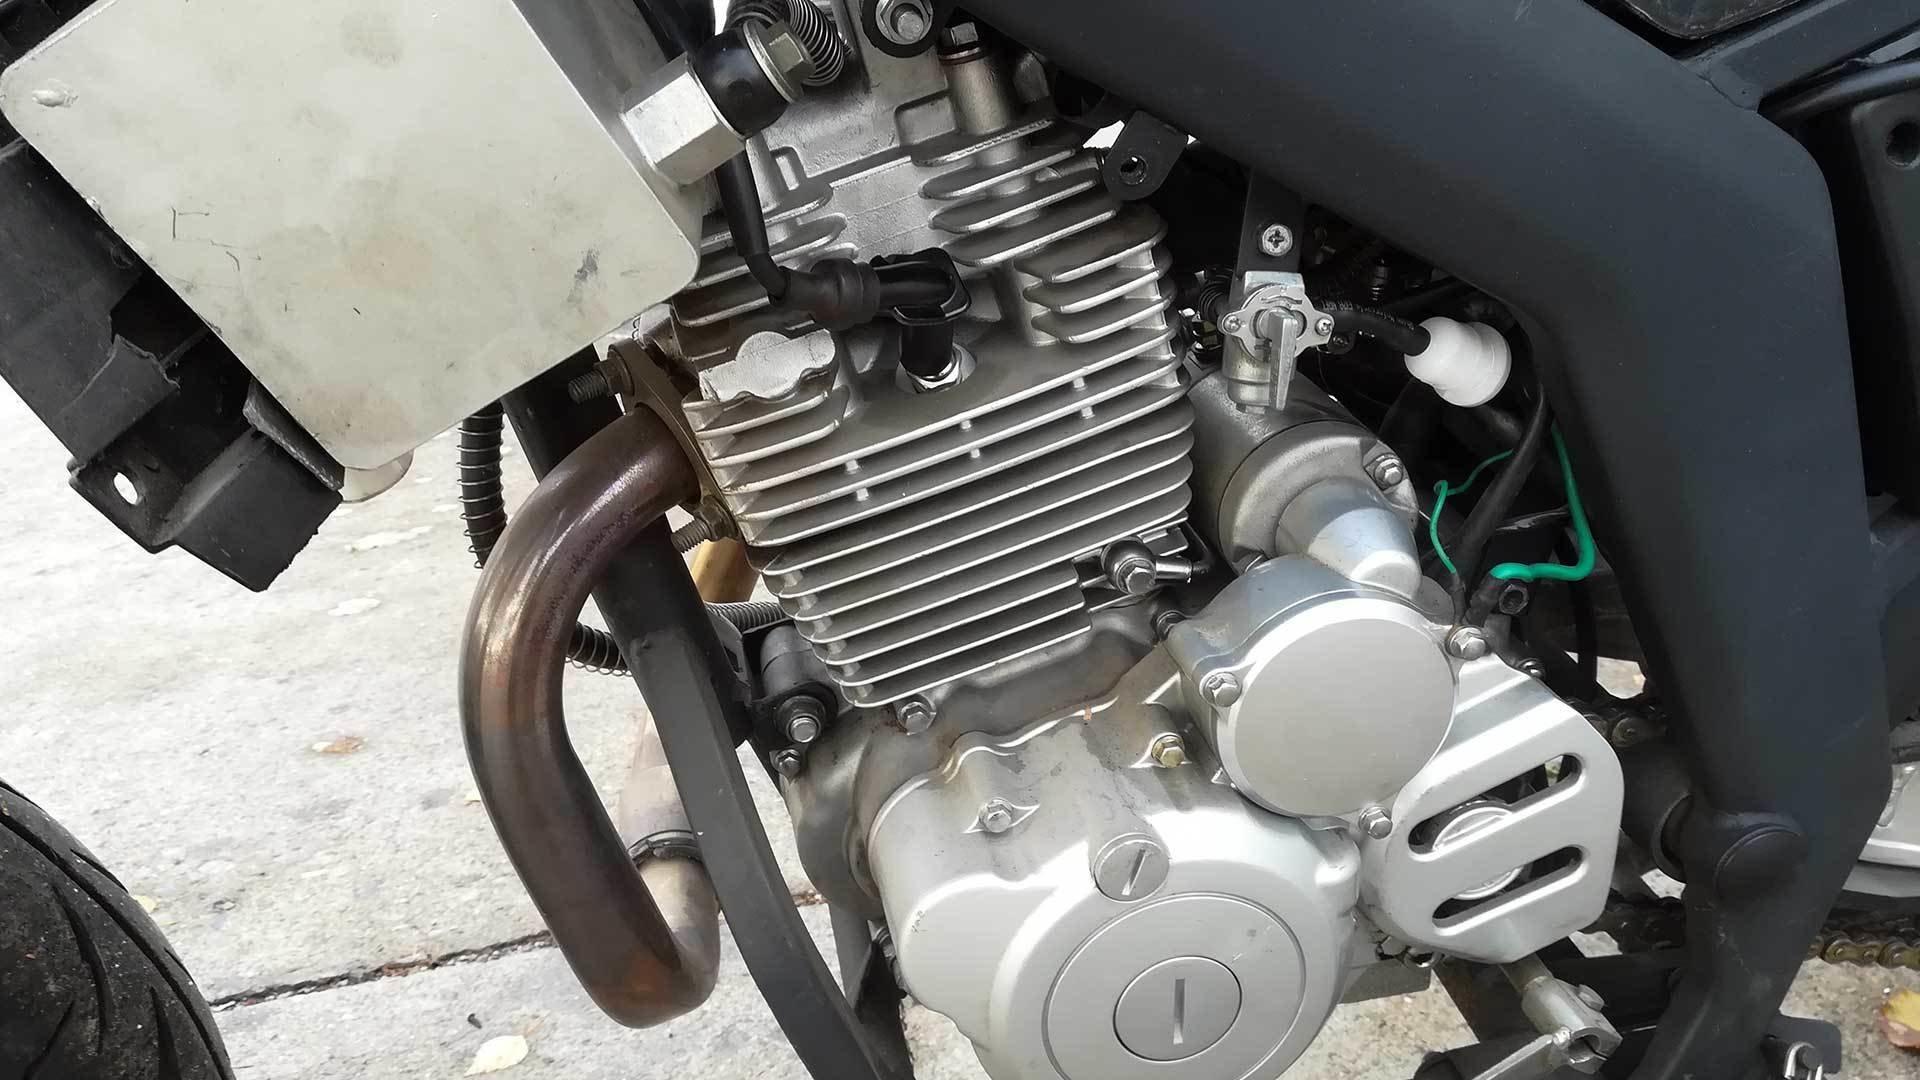 STR 250